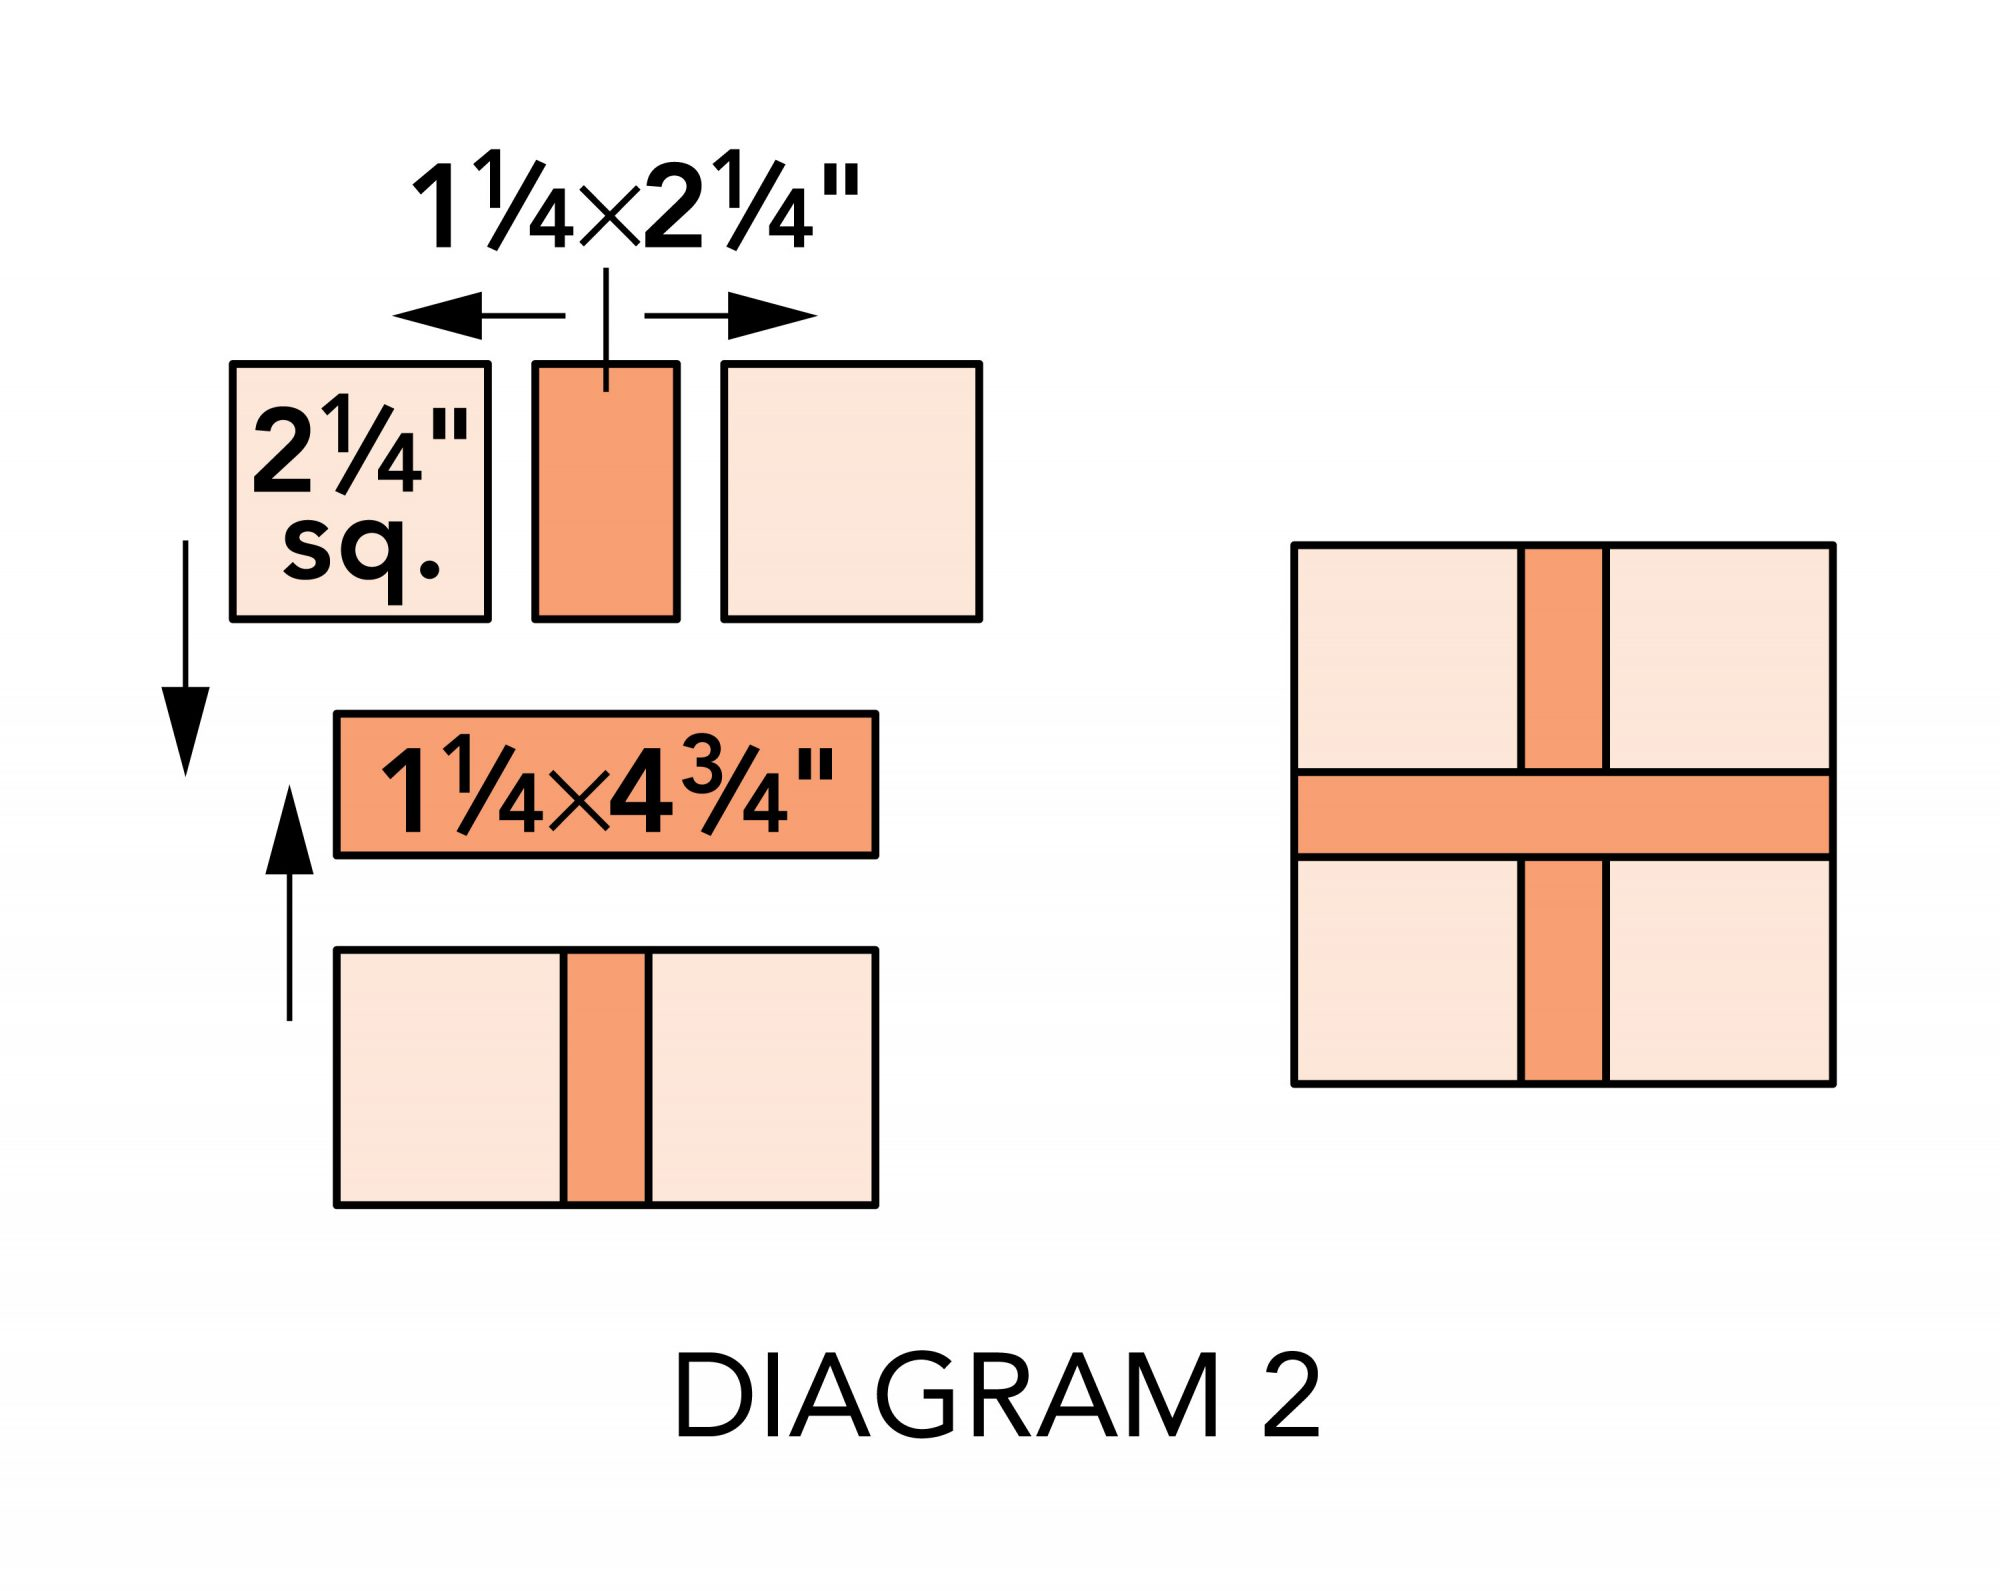 Plus Pincushions diagram 2